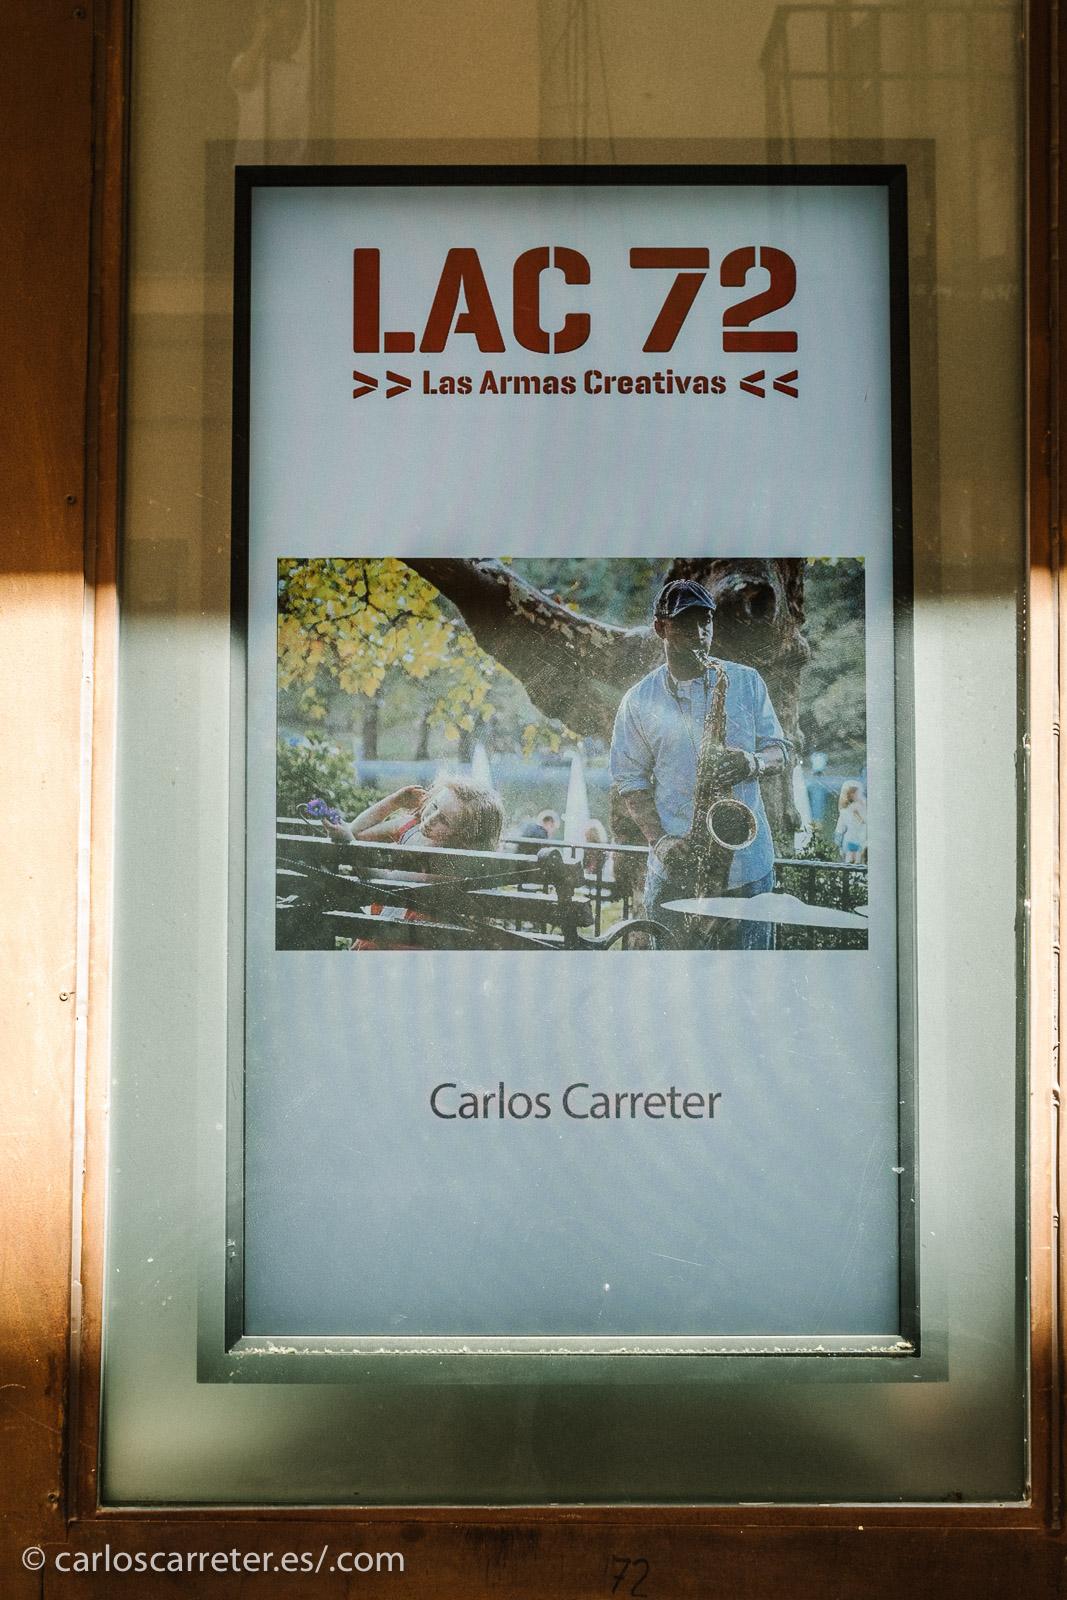 Y así fue. Pero en LAC 72 siguen pasando de forma ininterrumpida las fotografías de las exposiciones del II Encuentro de Fotógrafos de Aragón... y allí nos quedamos mirando como bobos hasta que pasaron todas.